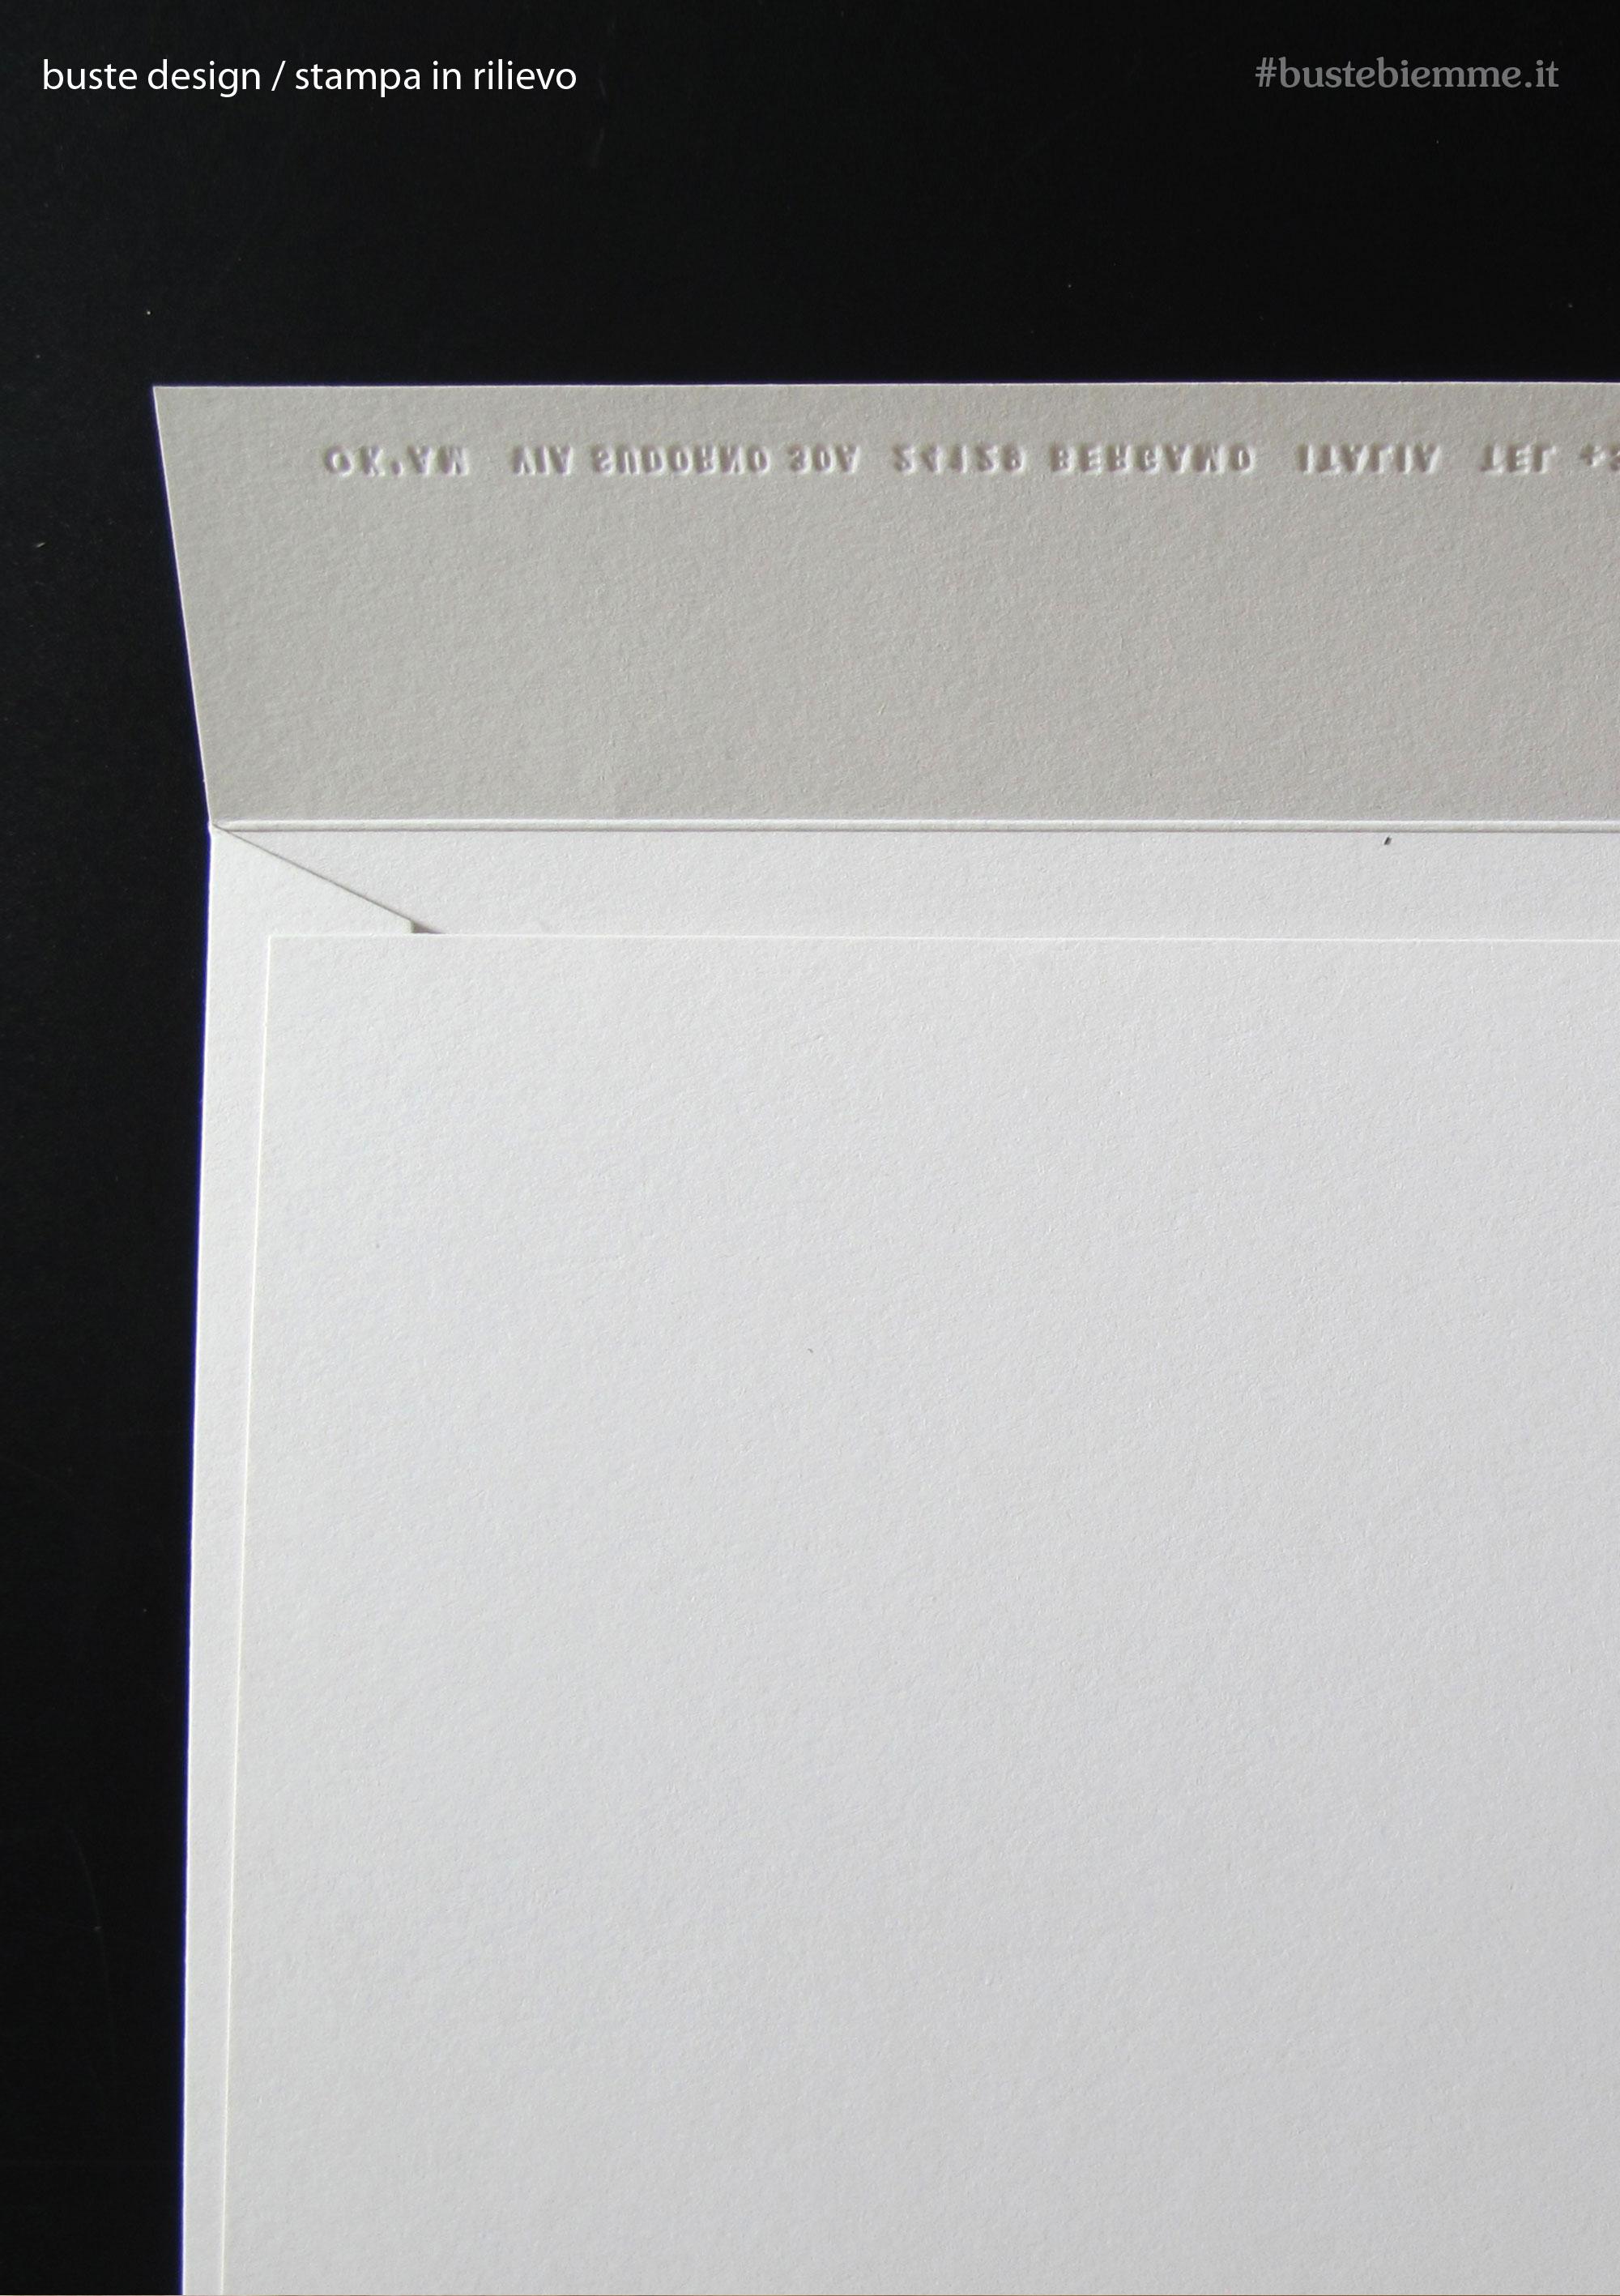 busta design con carta ricercata e stampa a rilievo